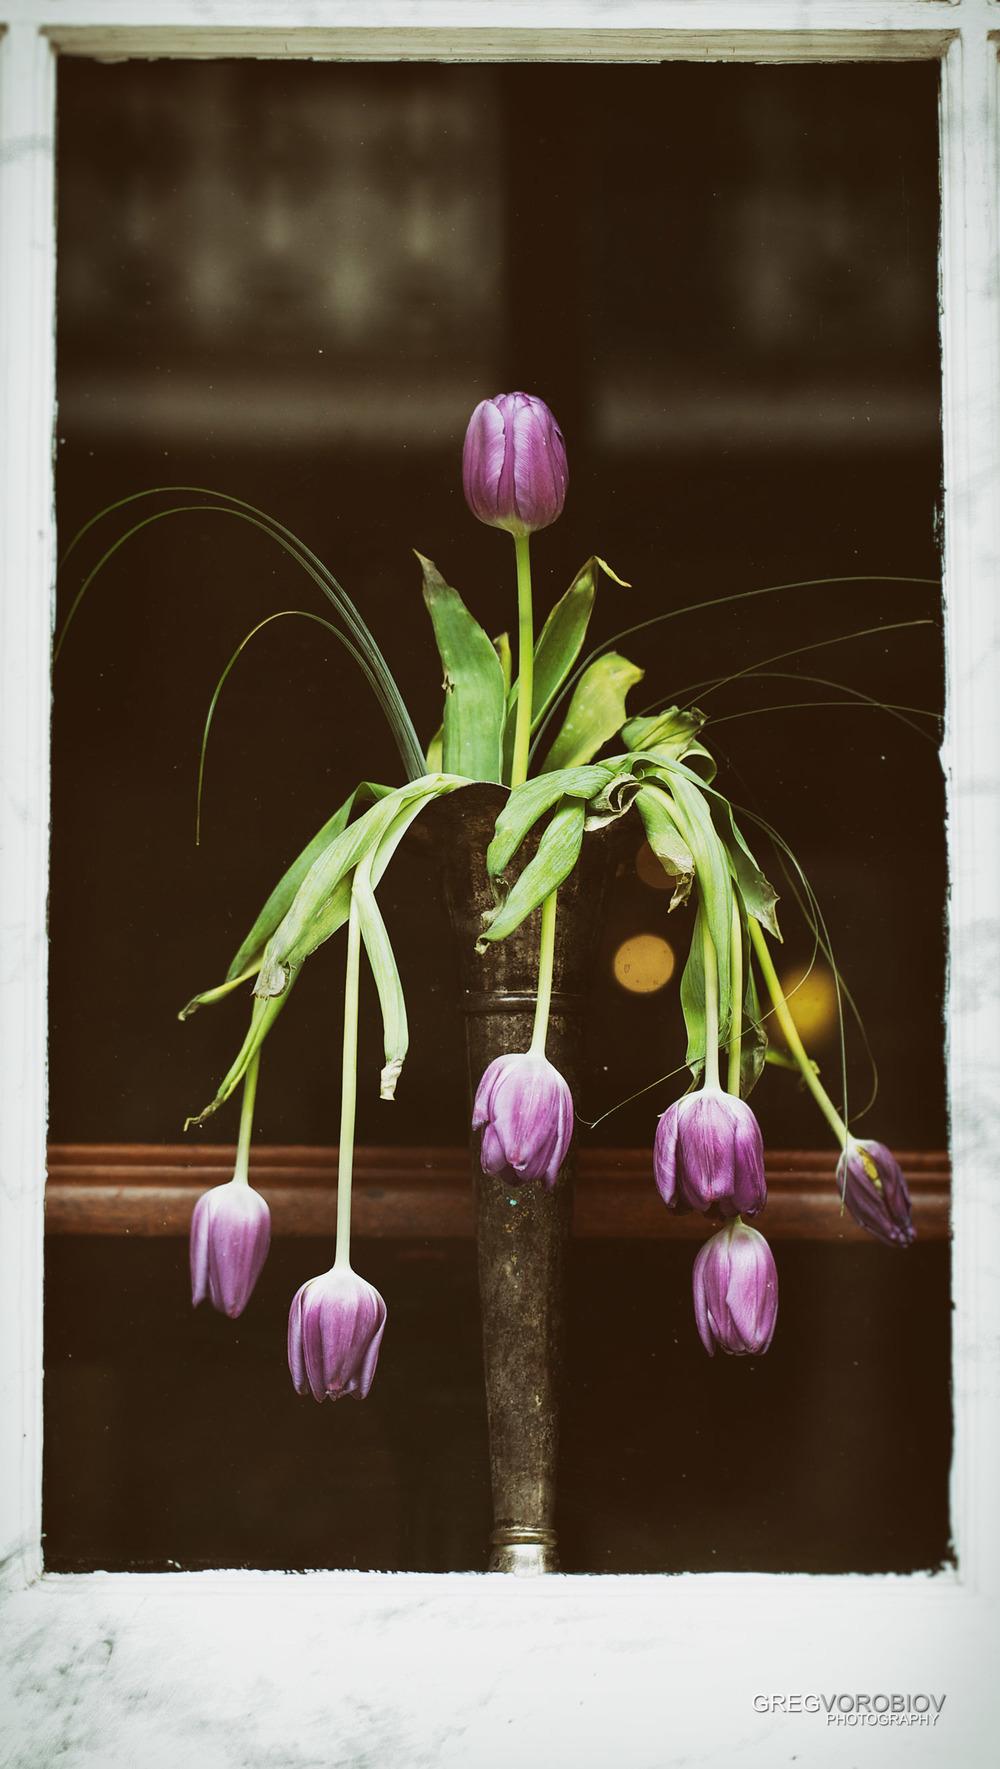 new_orleans_flowers_by_greg_vorobiov-1.jpg